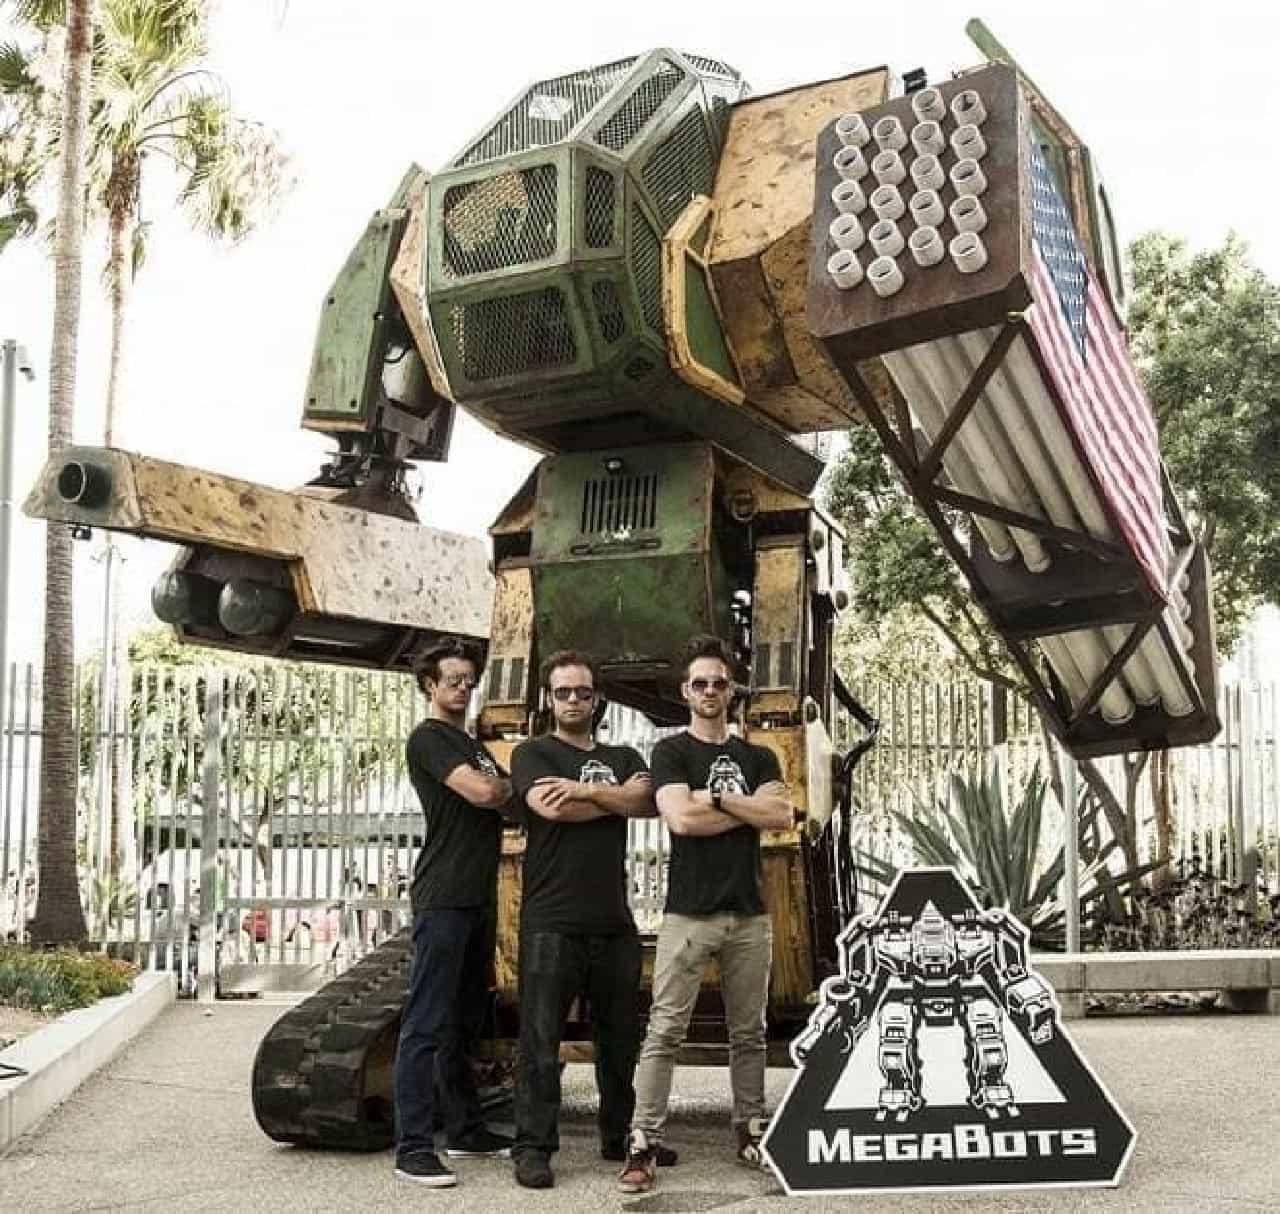 日本にロボット対決を申し込んできた米国のMegaBot